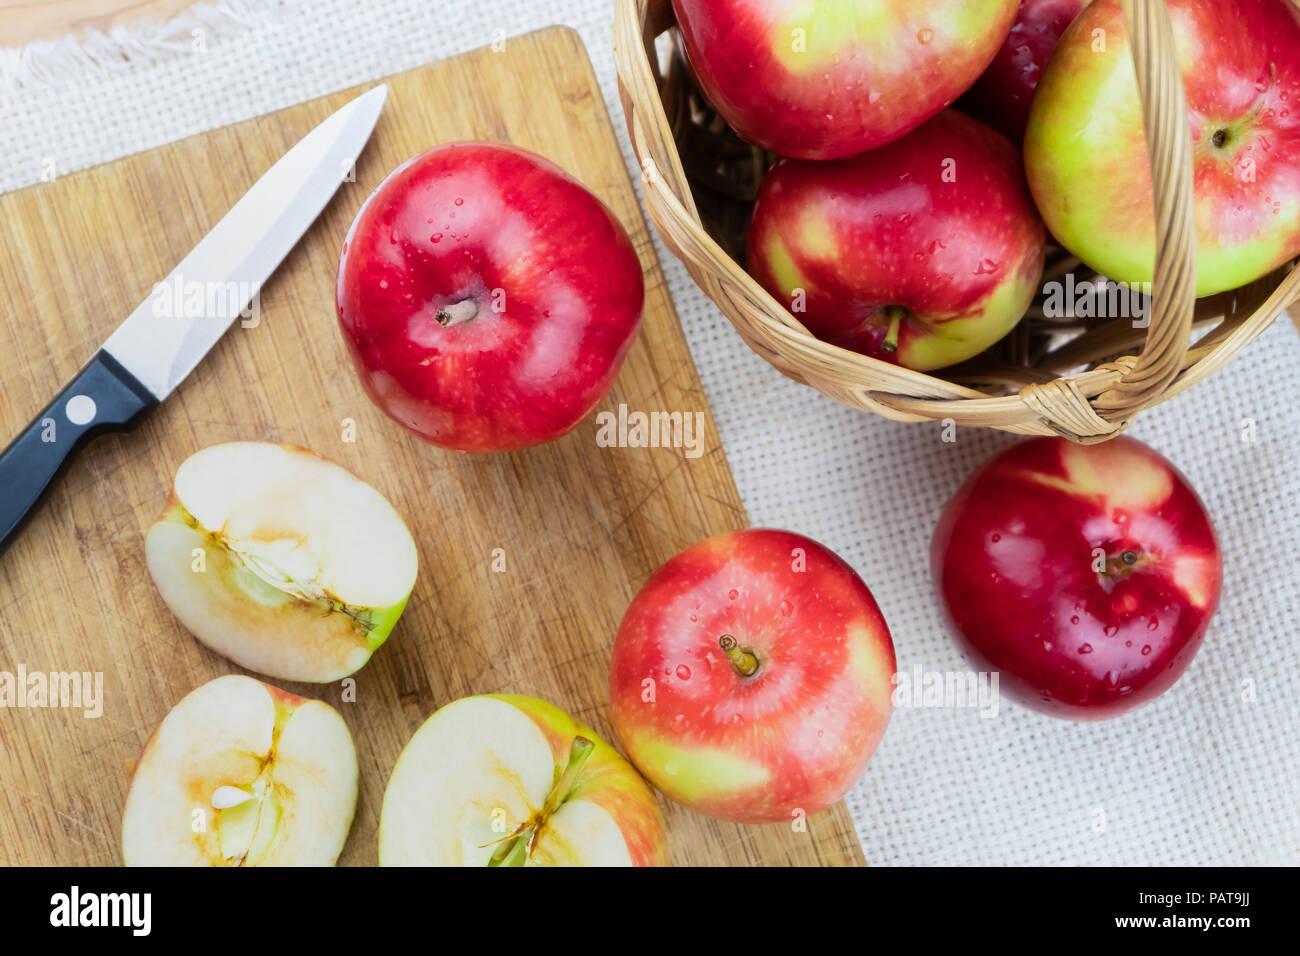 Vista superior de maduras manzanas jugosas sobre mesa de madera rústica. Casa cultivan manzanas orgánicas y la cuchilla, tomada desde arriba Foto de stock